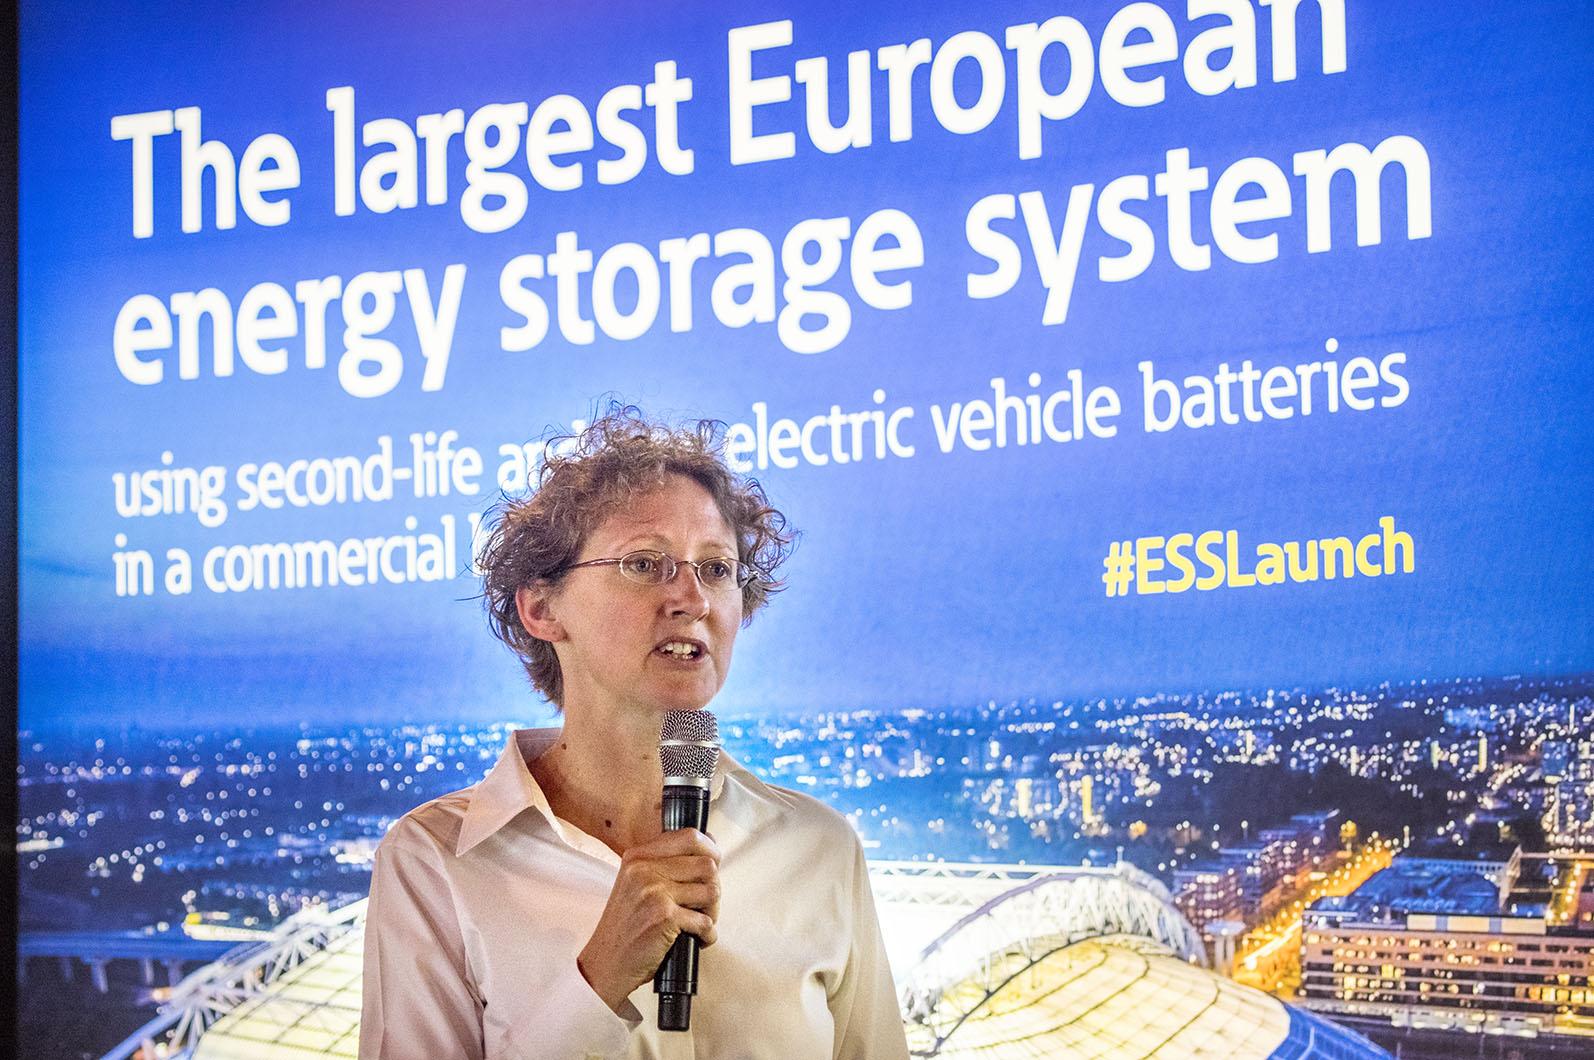 Interreg, EU:s regionala utvecklingsfond,som stödjer projektet var representerade av Sara Holsen.